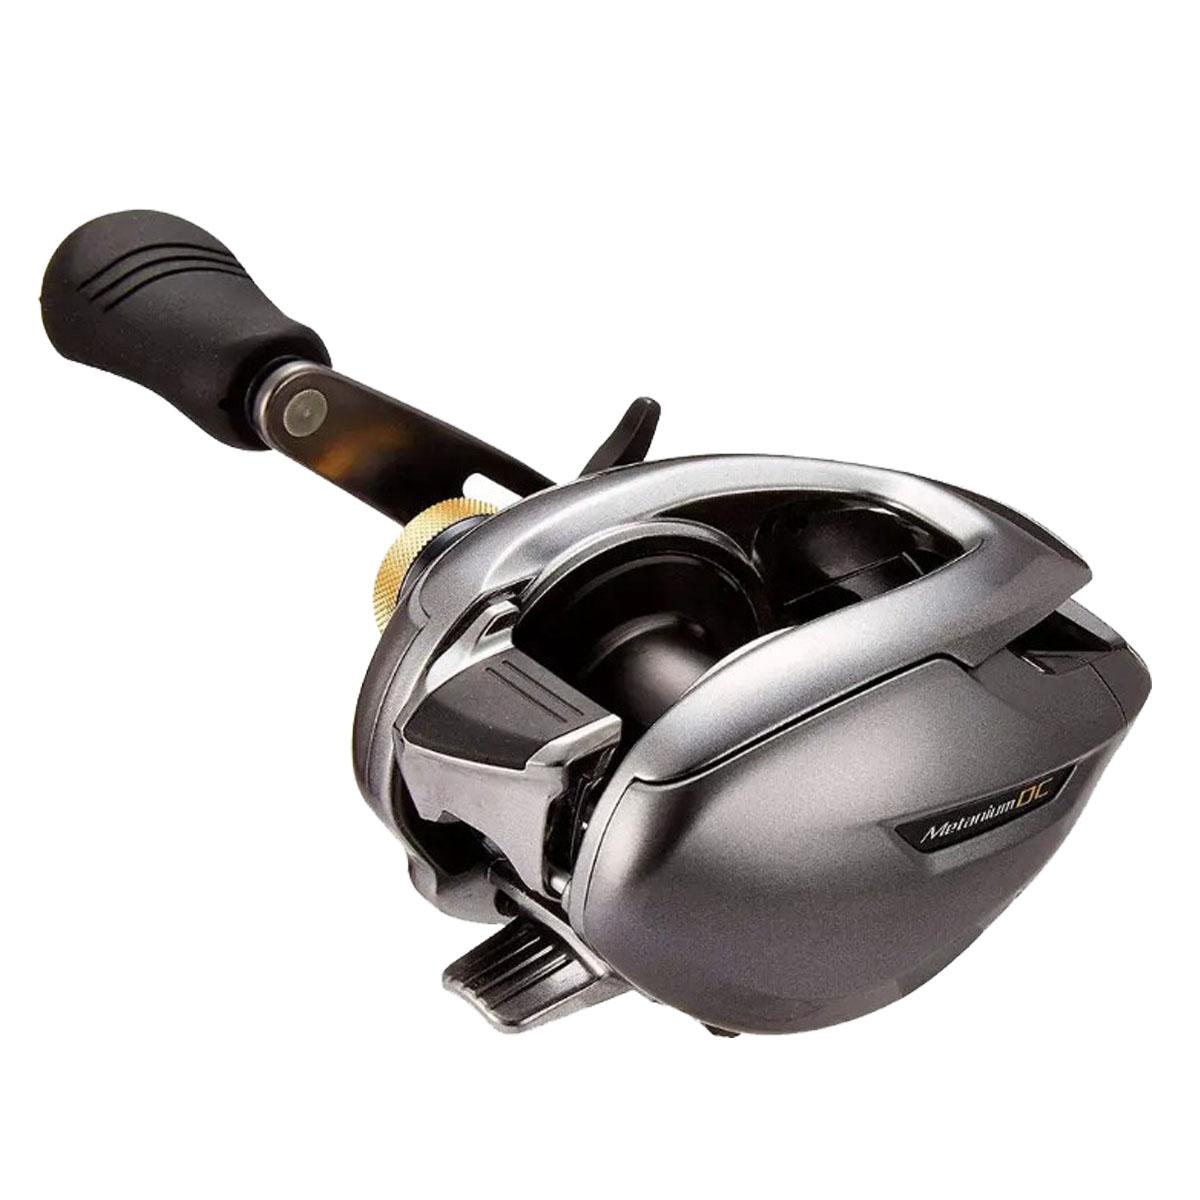 Carretilha Shimano Metanium Dc 101 Xg (Esquerda)  - Pró Pesca Shop